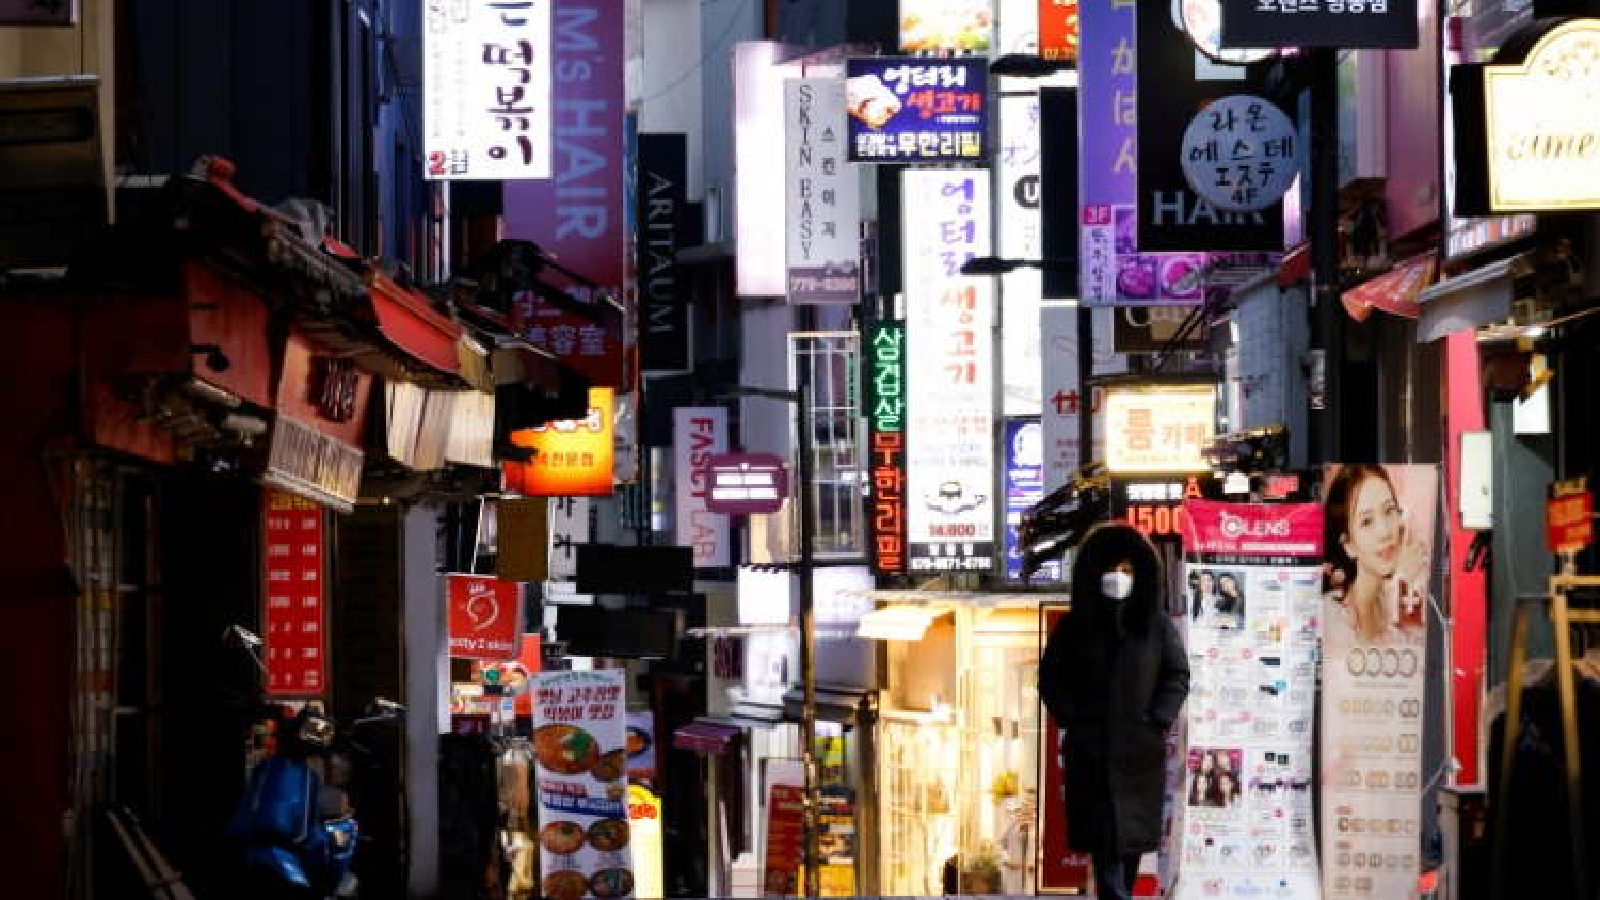 Hàn Quốc mở rộng lệnh cấm tụ tập xã hội trên toàn quốc